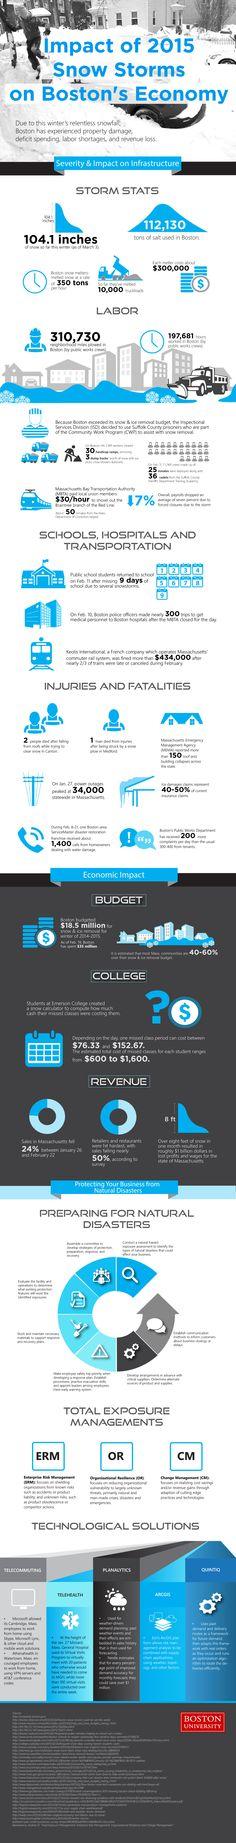 BU MSM Impact of 2015 Snow Storms on Boston's Economy Infographic